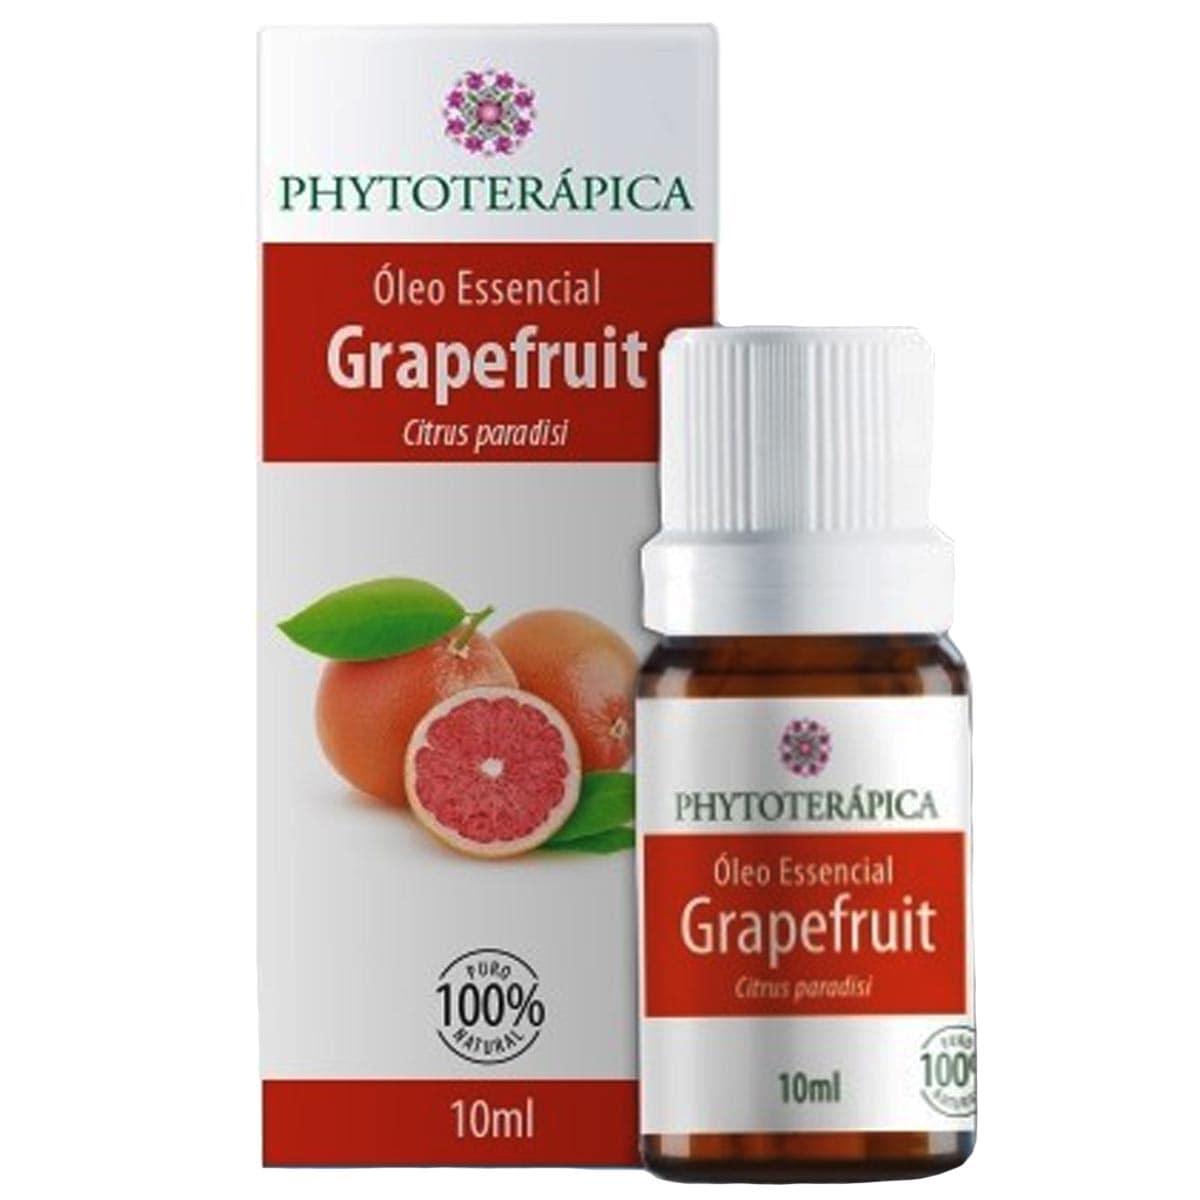 Óleo Essencial Grapefruit 10ml Phytoterápica